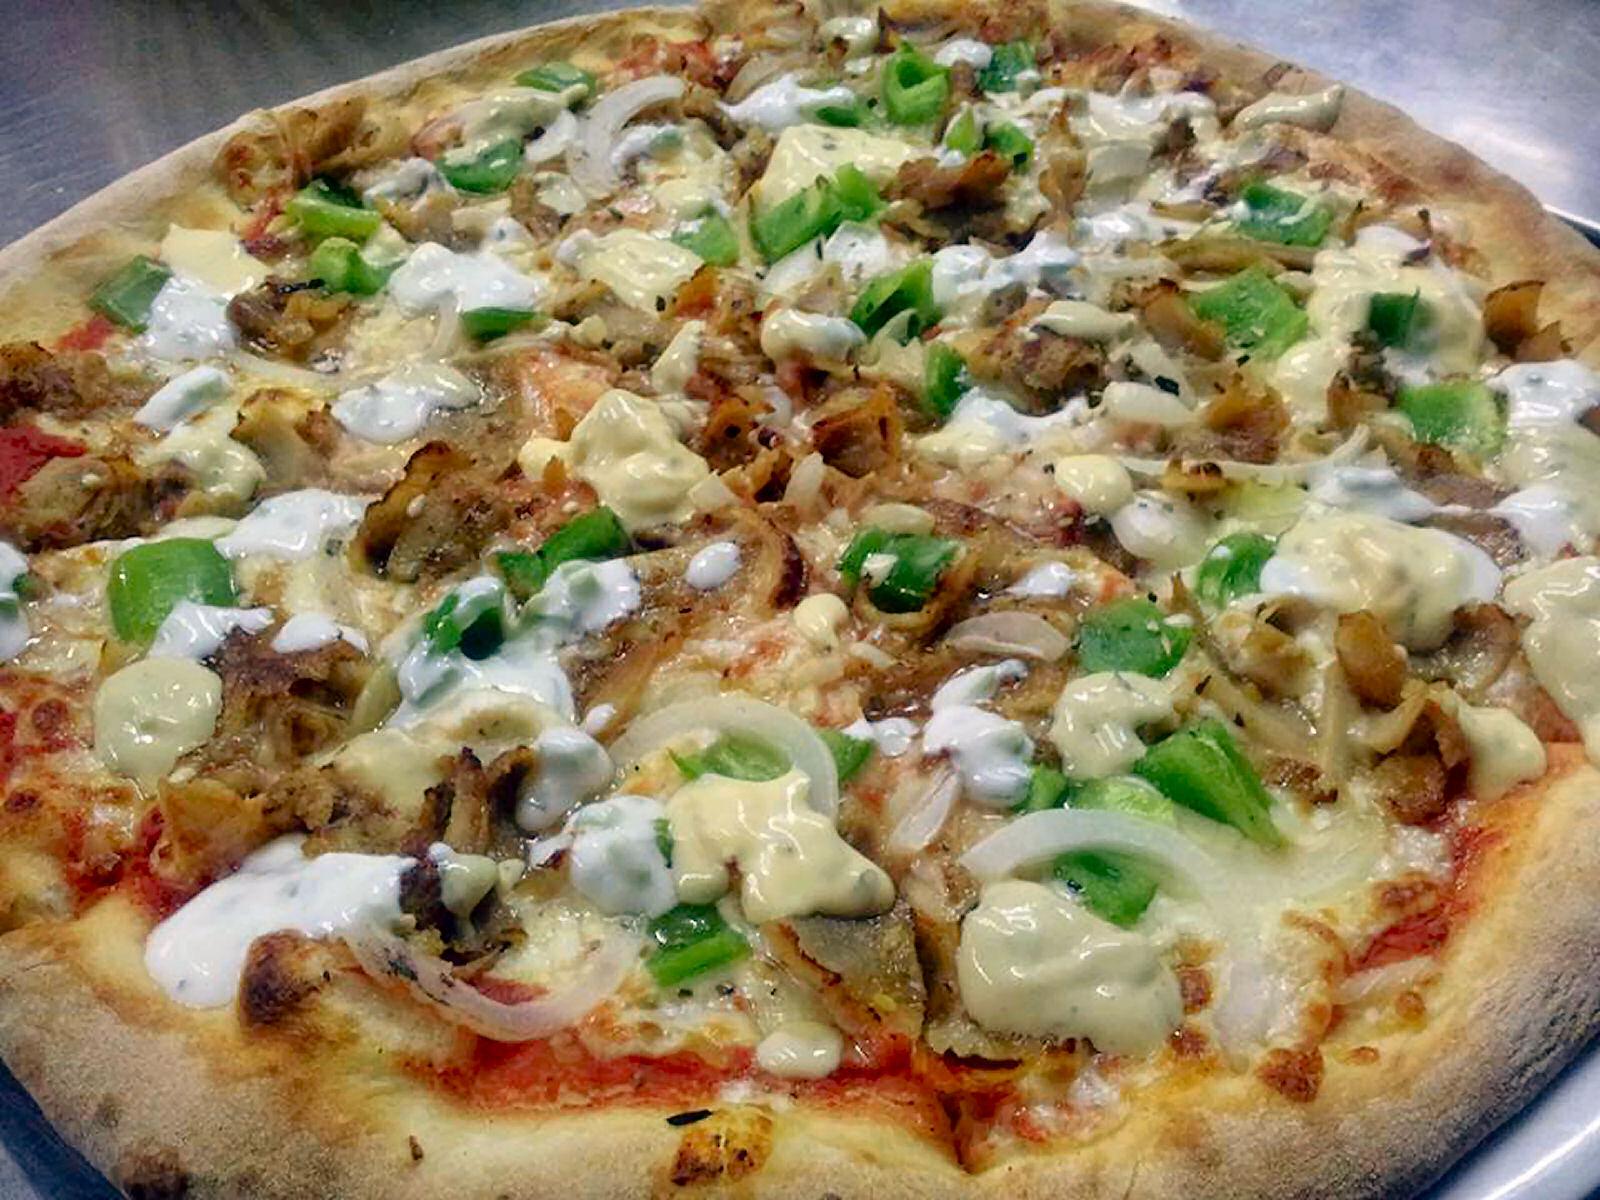 pizzeria-spaghetteria-ajdna-pizza